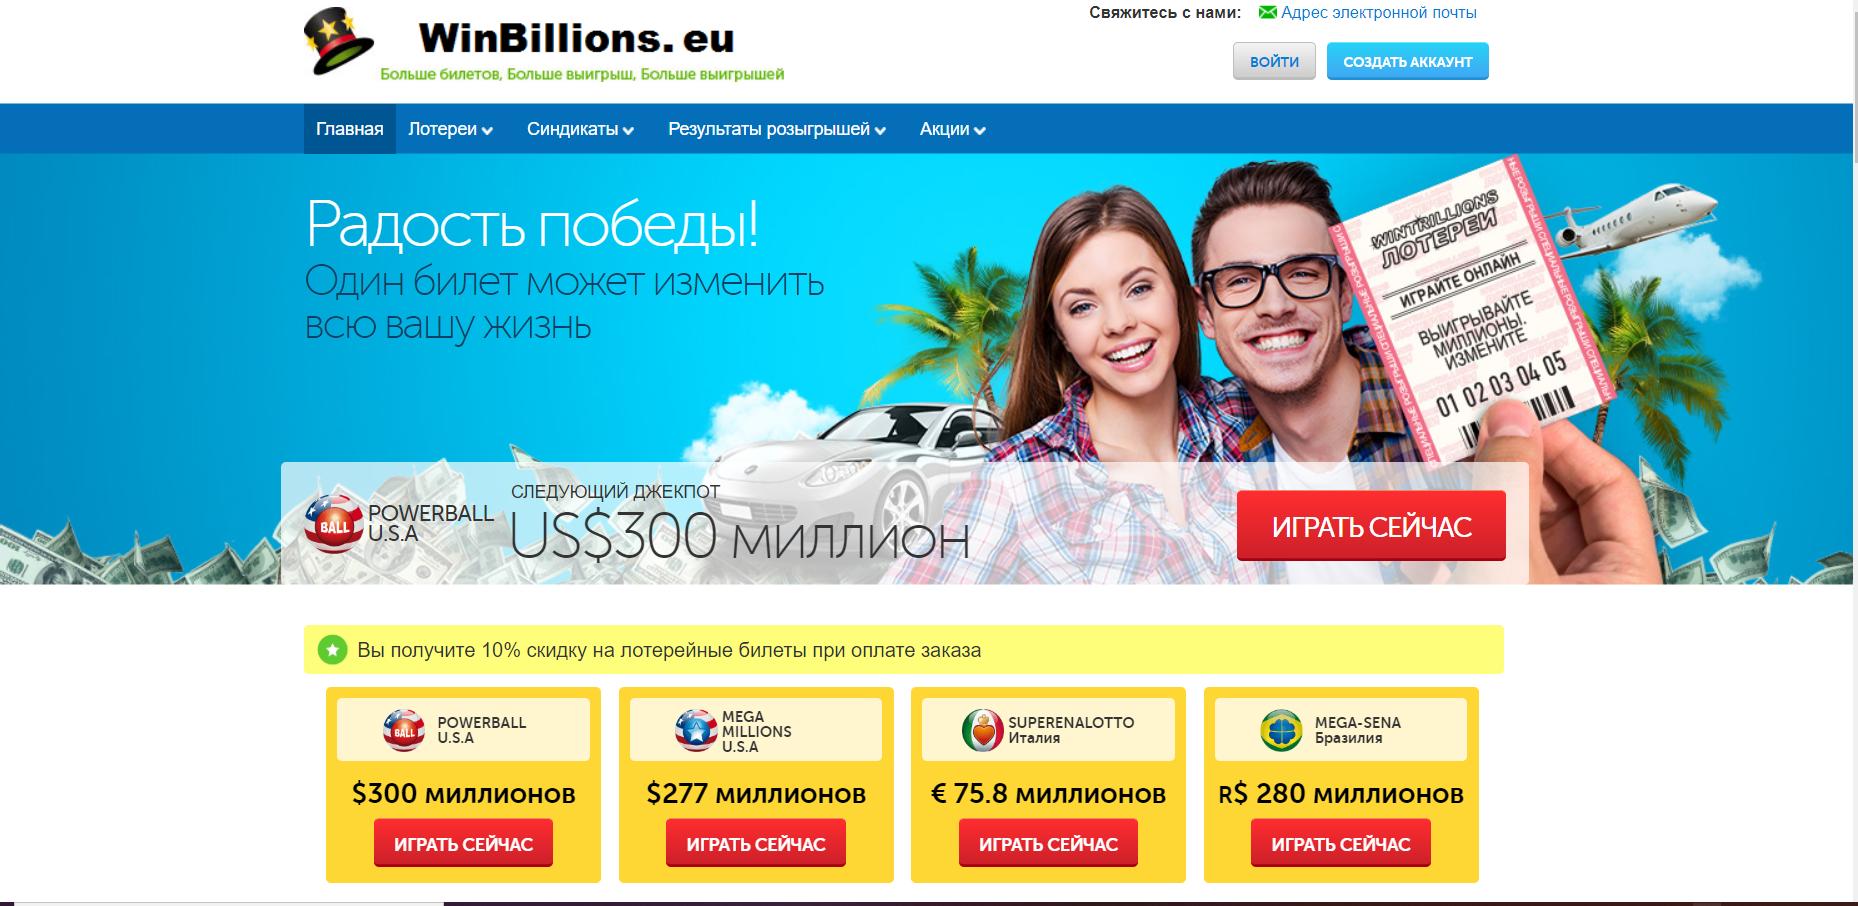 Главная страница winbillions.eu